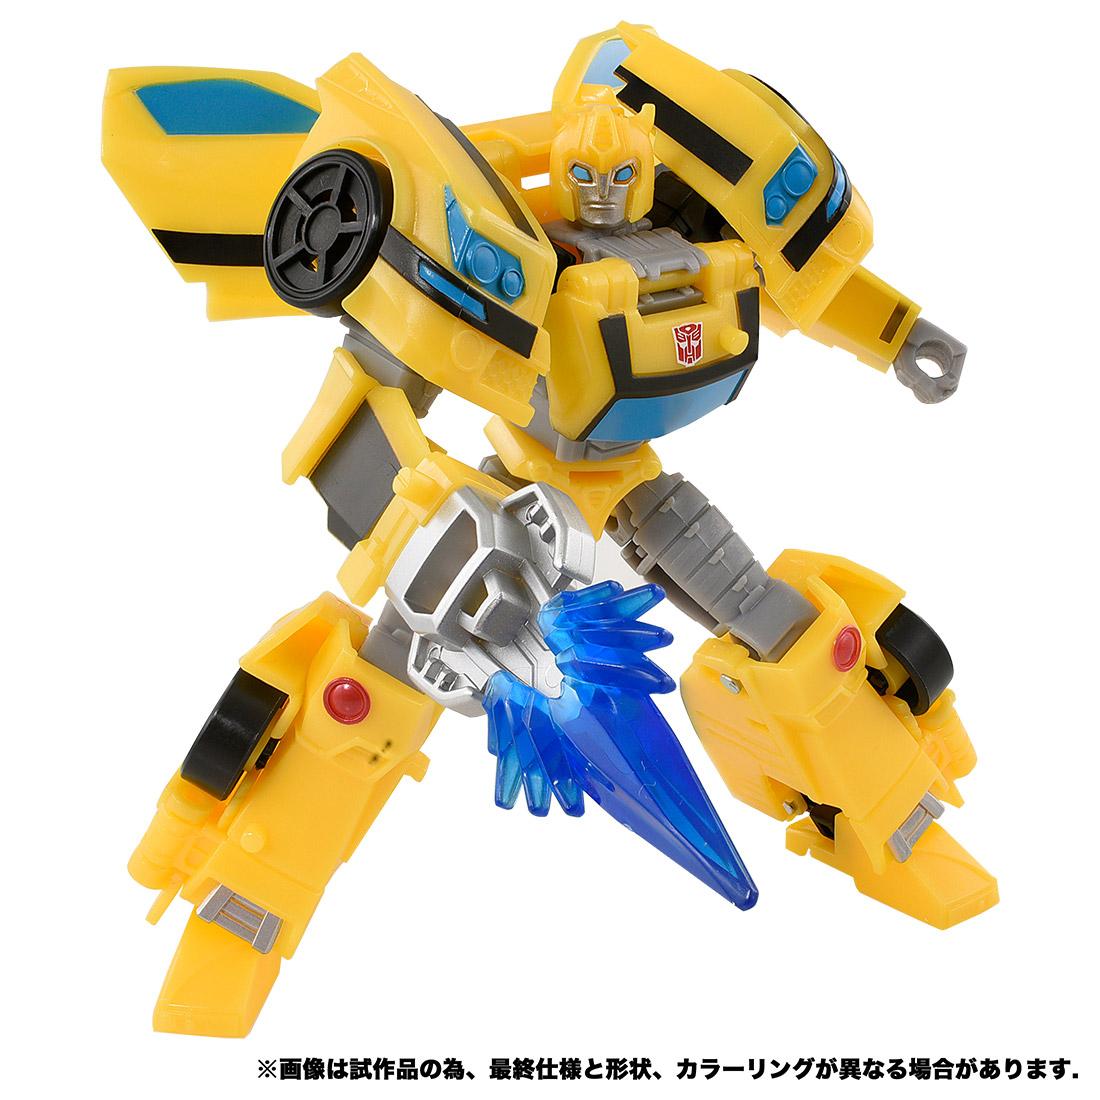 【限定販売】サイバーバース アクションマスター04『バンブルビー』トランスフォーマー 可変可動フィギュア-001